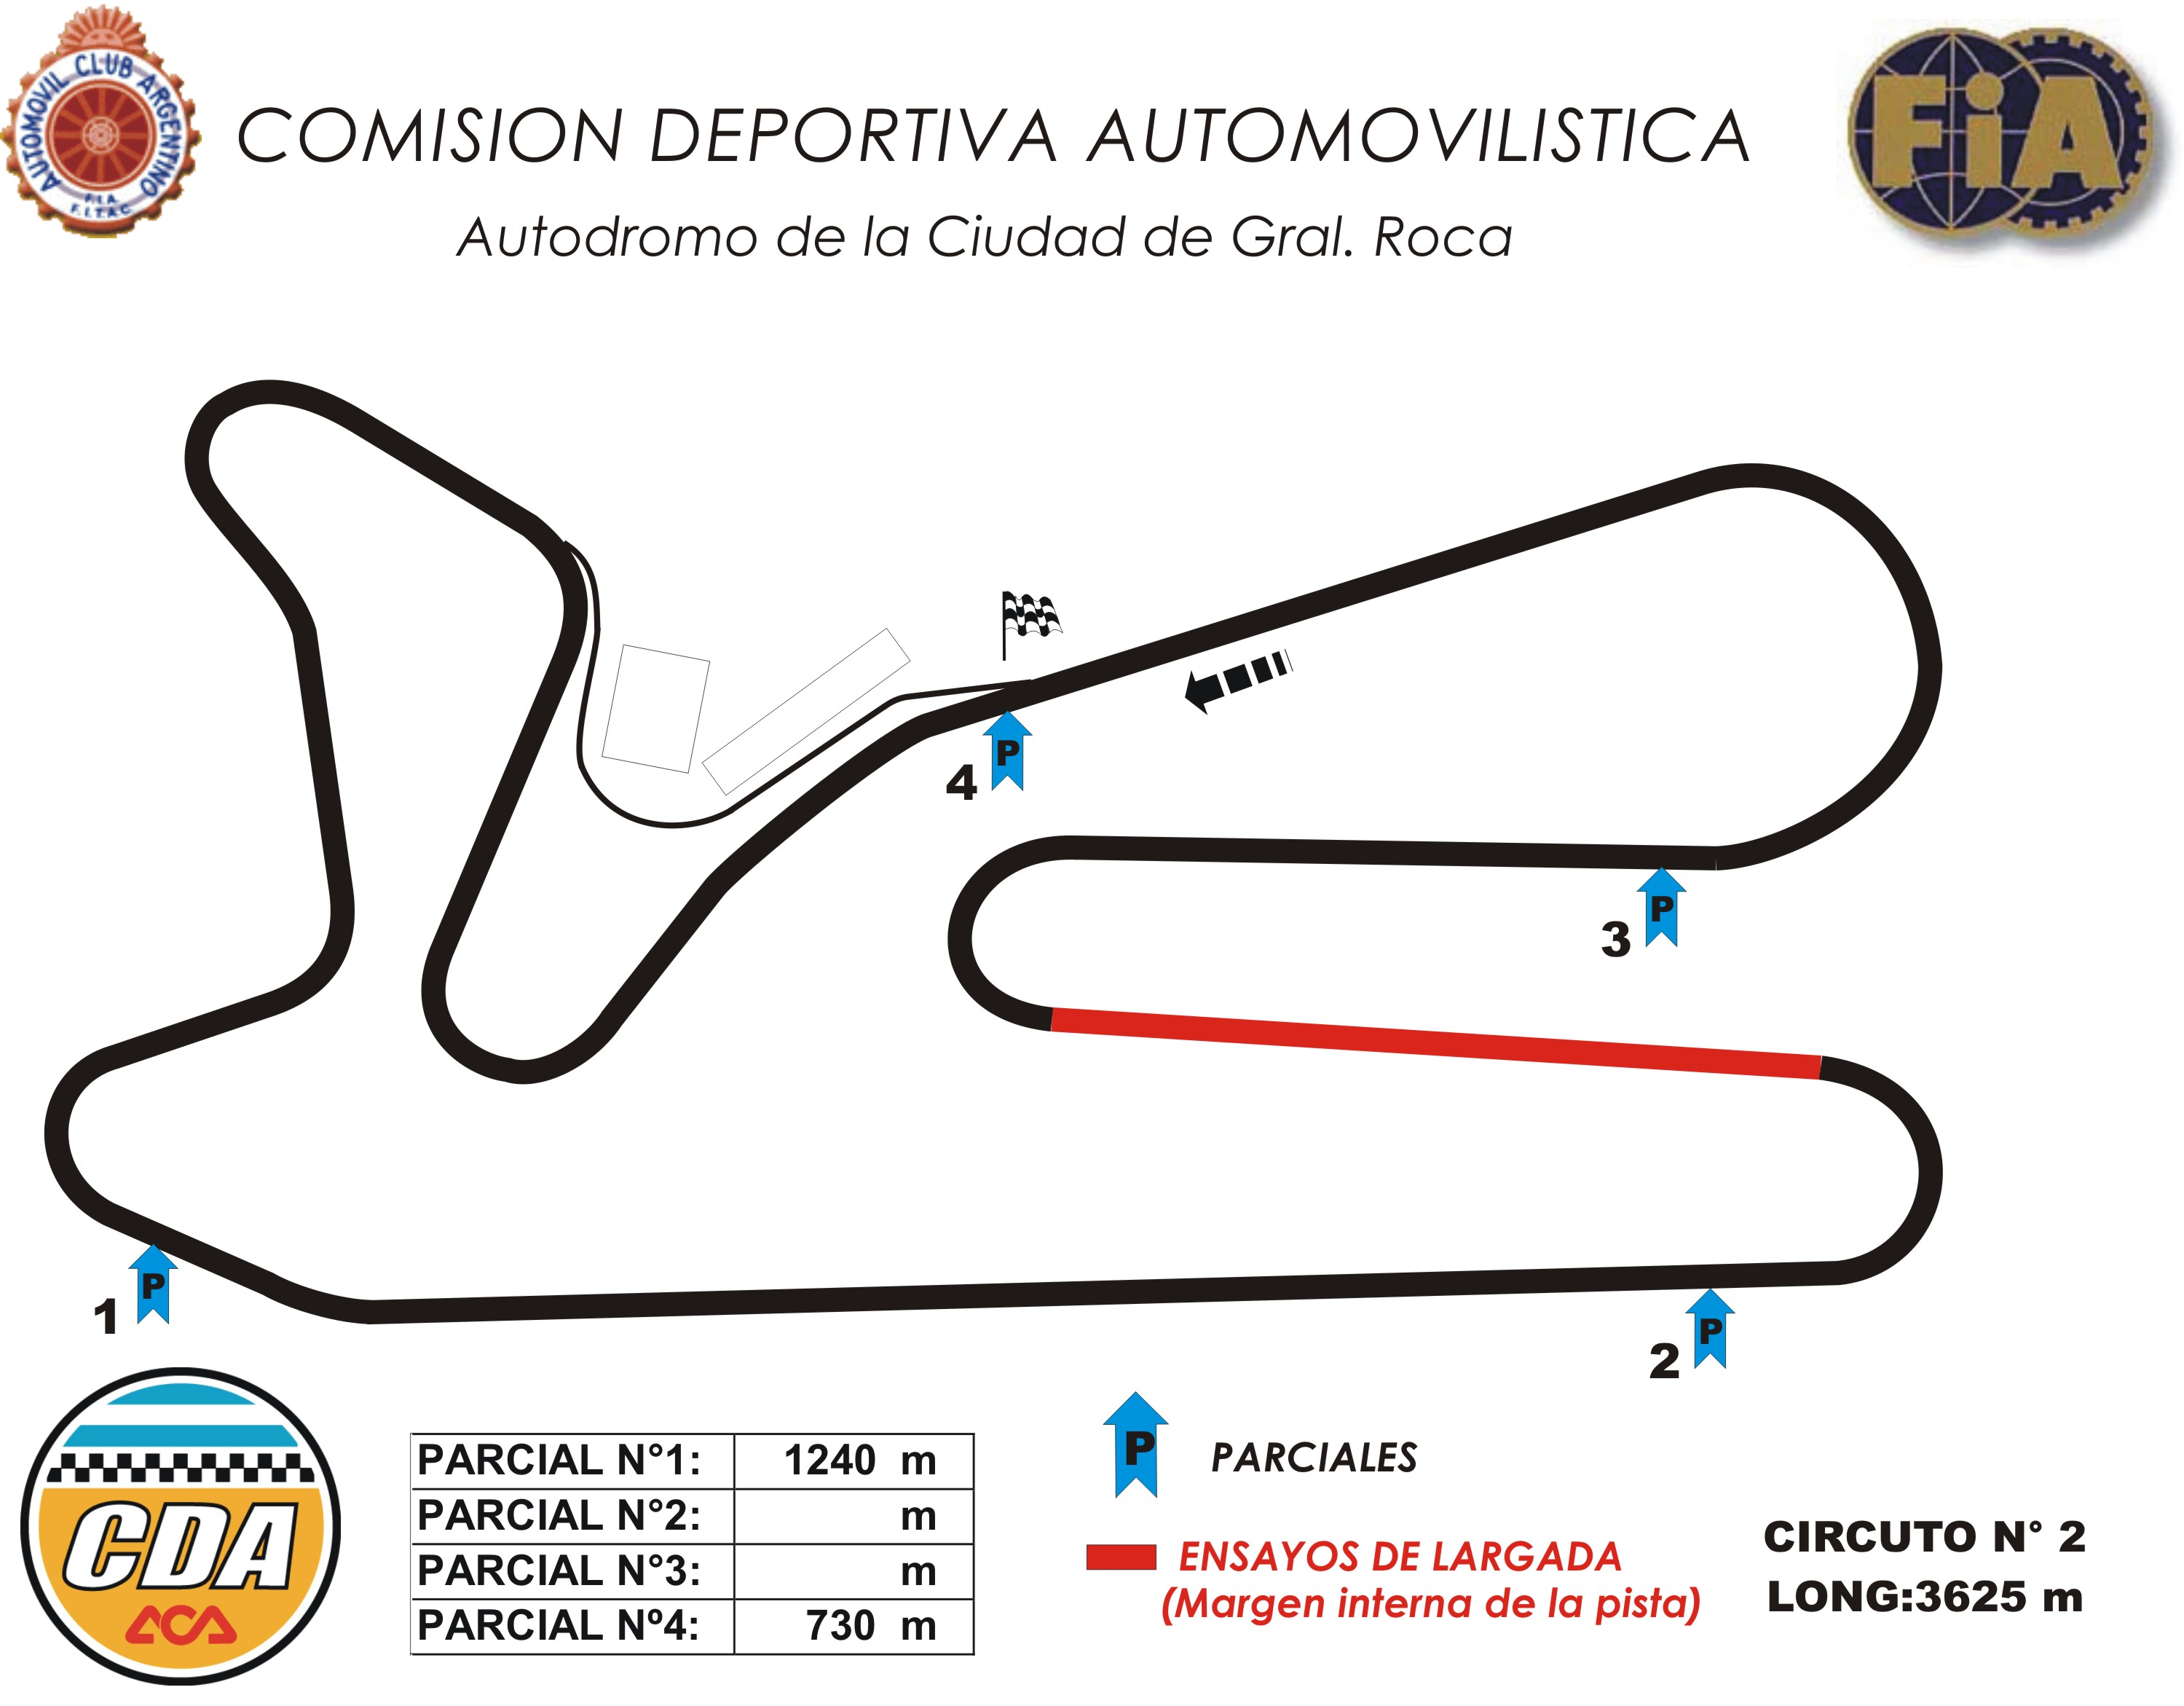 Circuito General : Autódromos cda